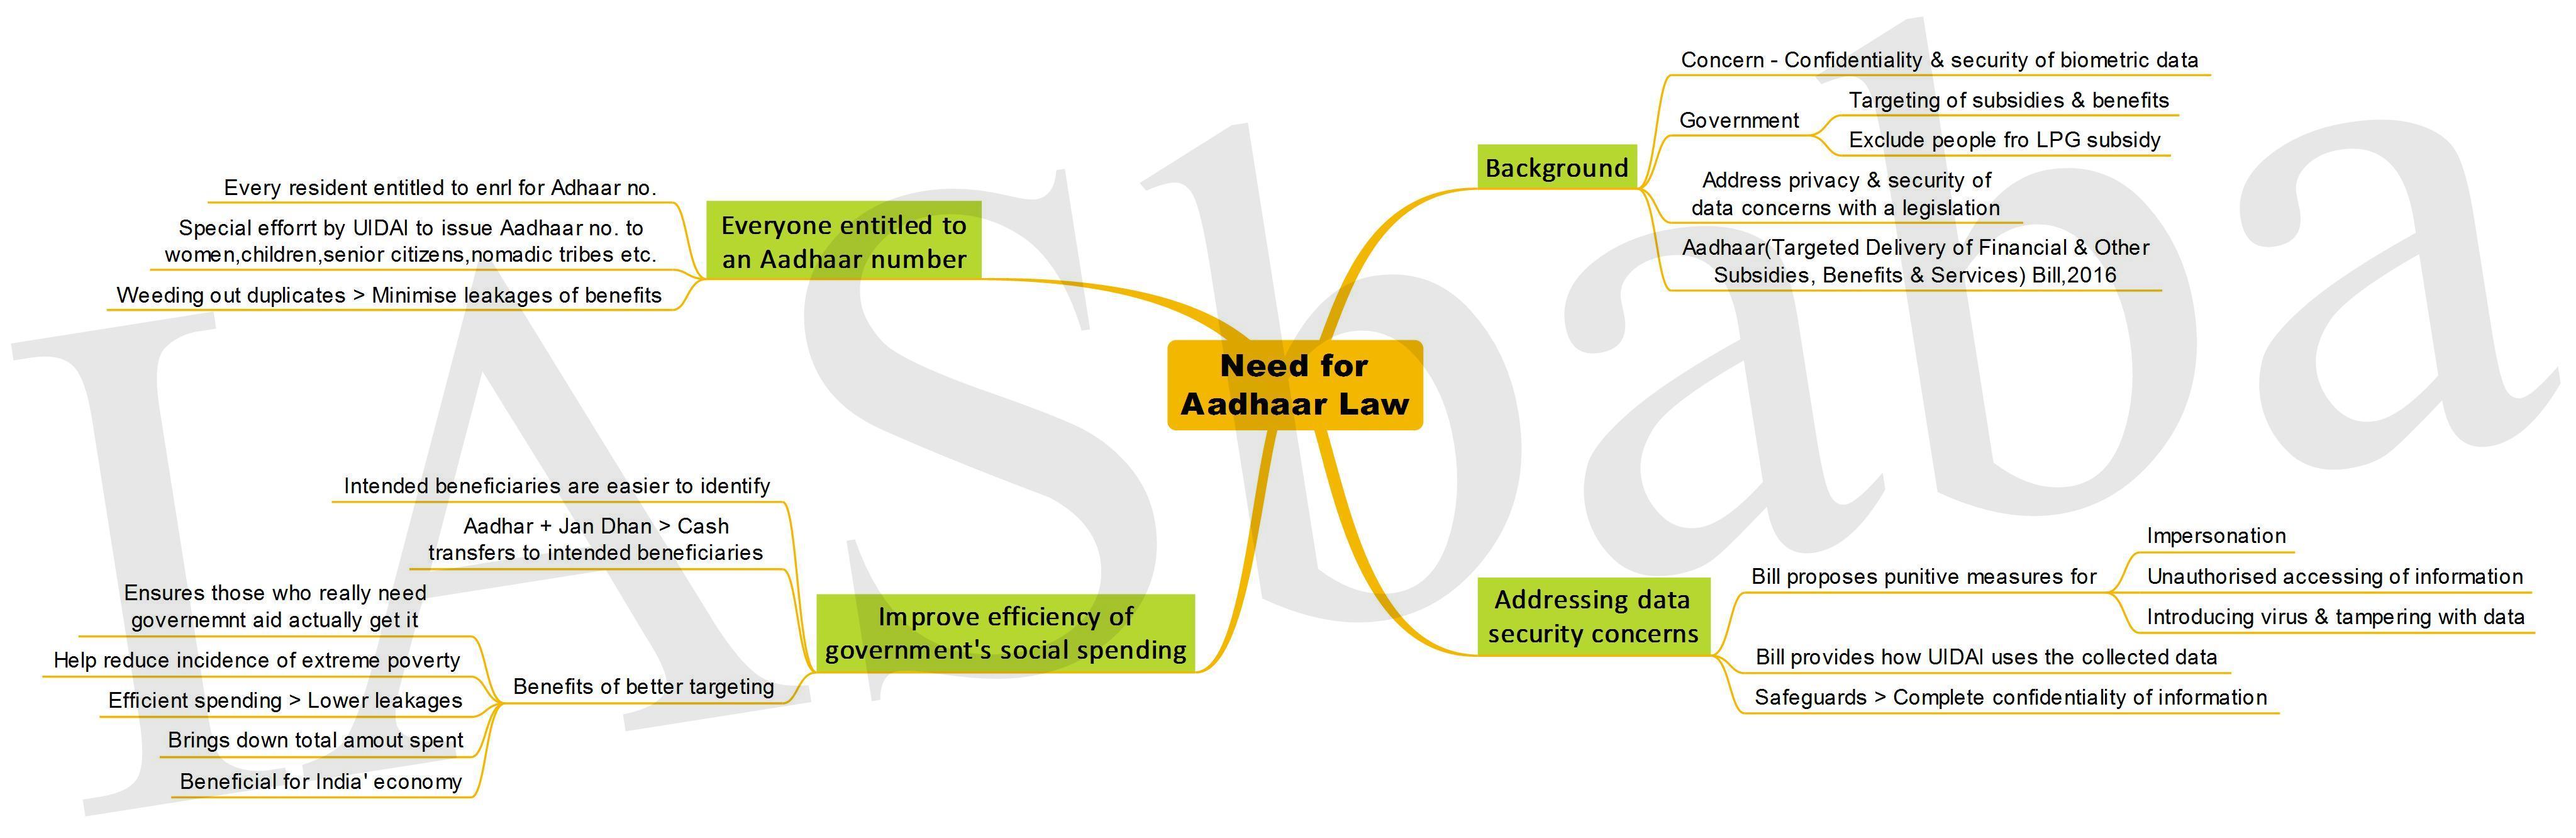 Need for Aadhaar Law-IASbaba